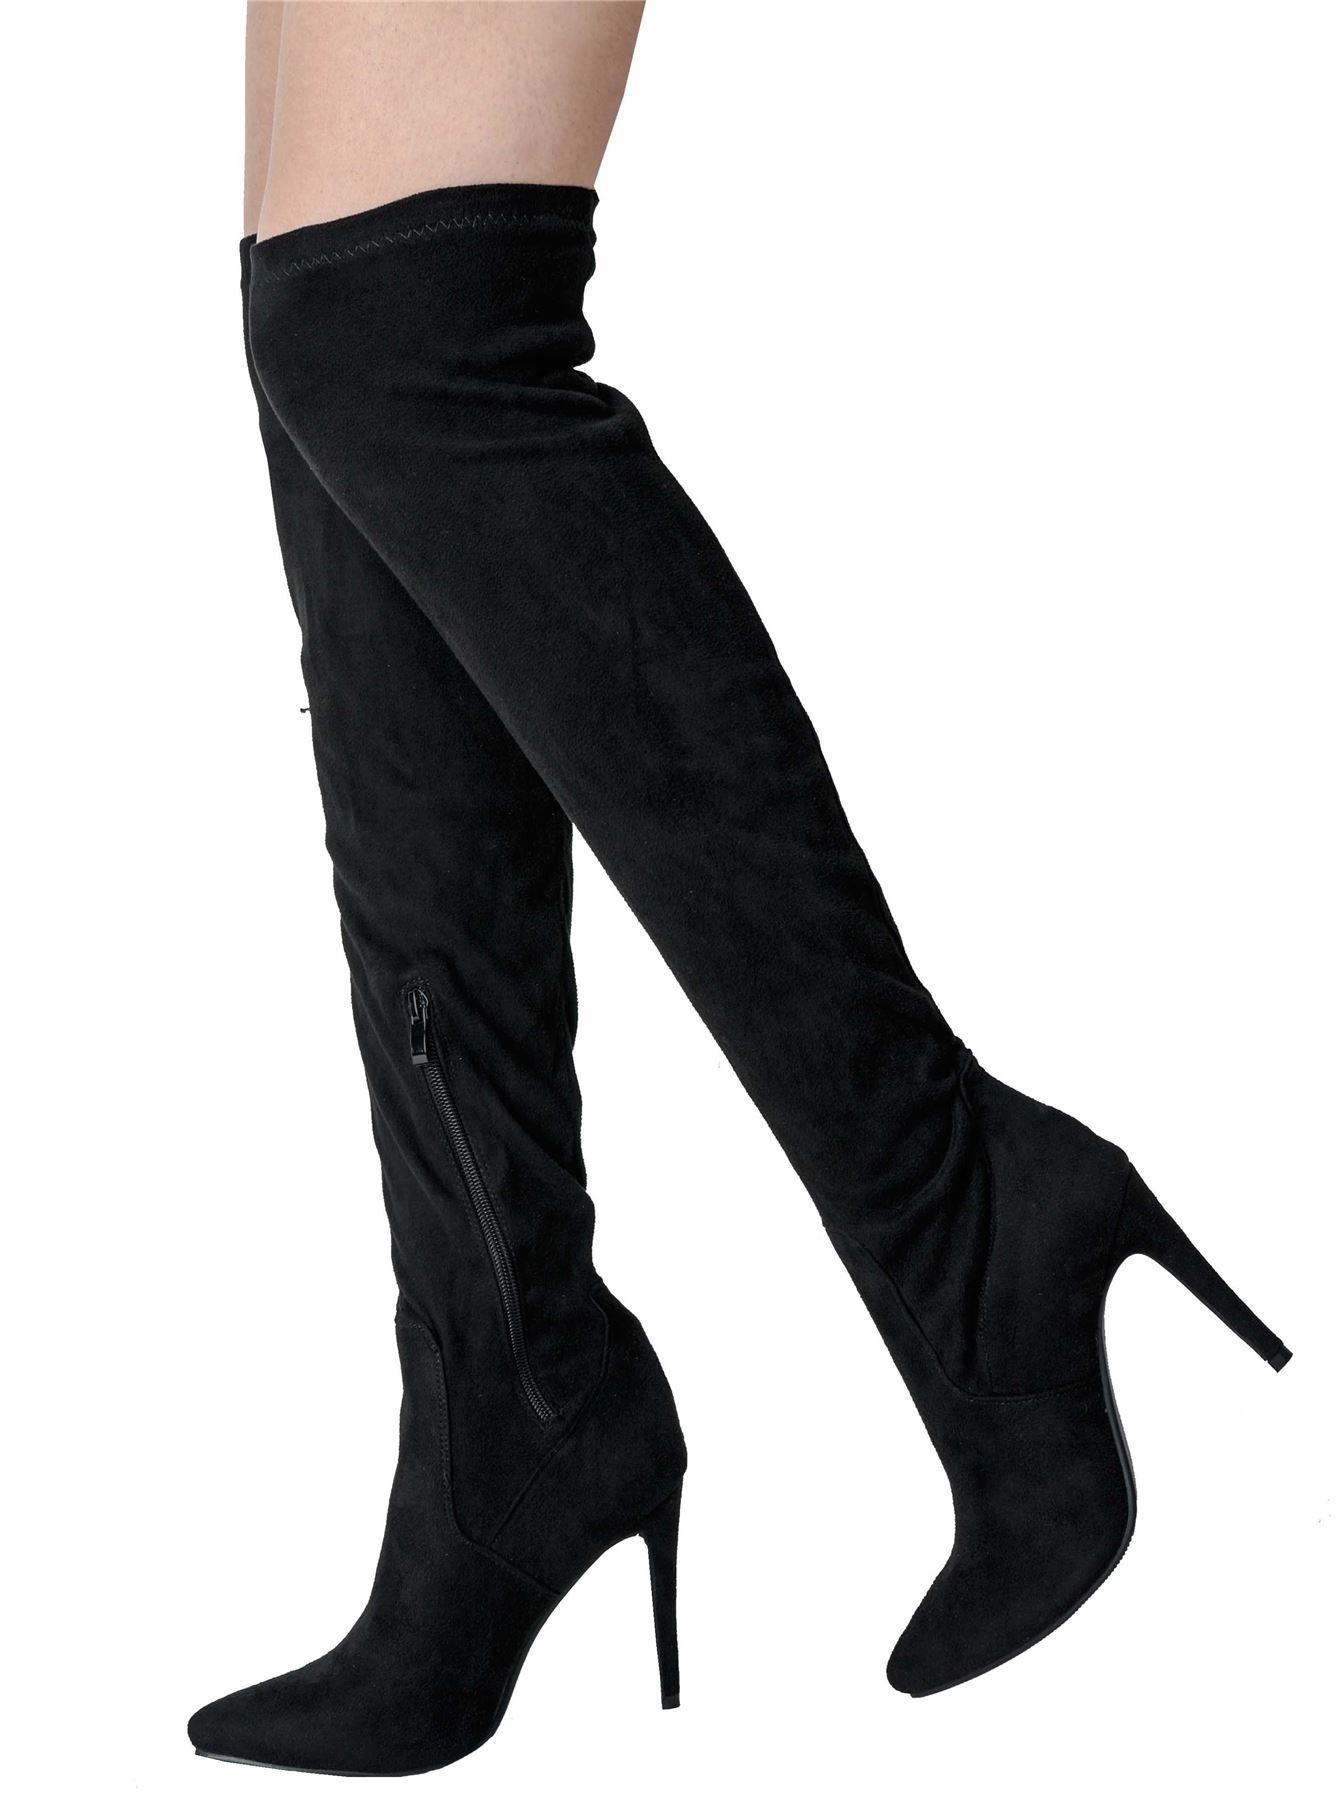 Womens Crushed Velvet Over The Knee High Long Stiletto